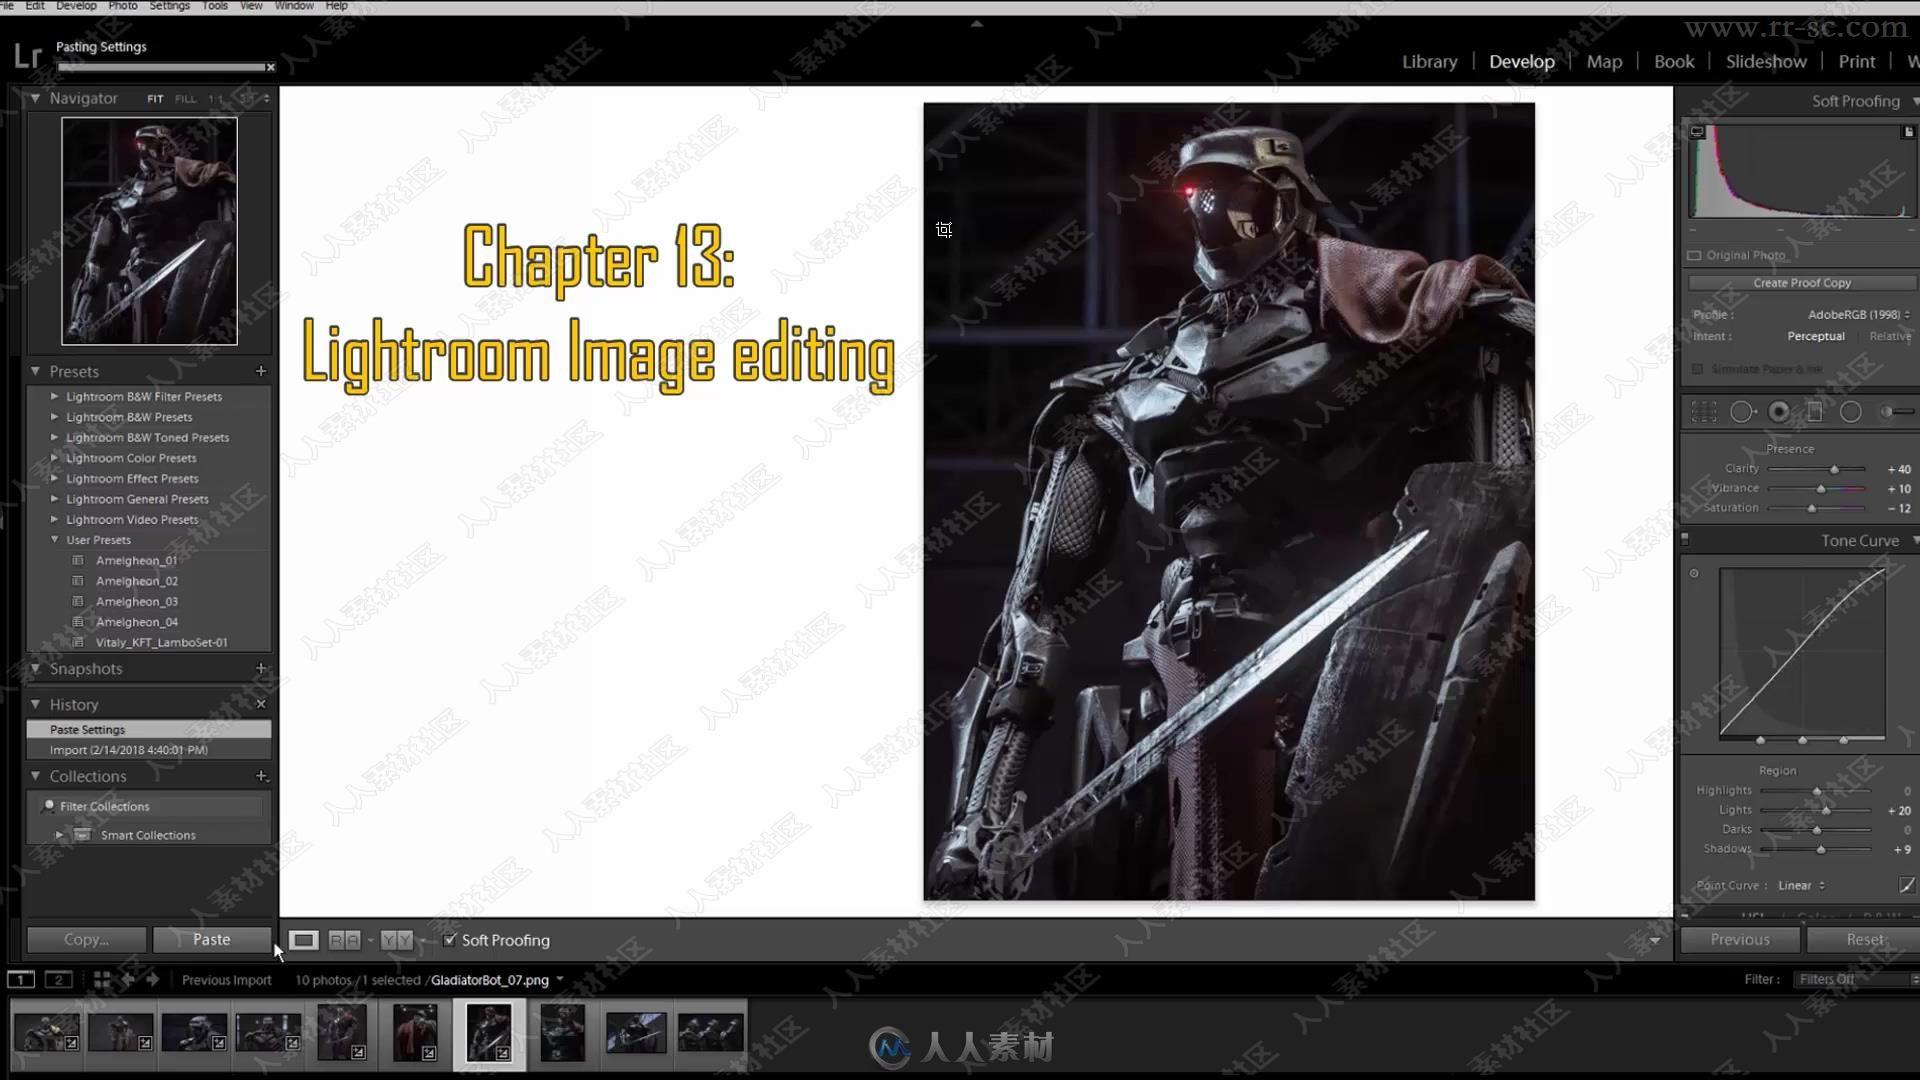 影视游戏中机器人角色3D设计大师班视频教程安徽园林景观大赛设计图片